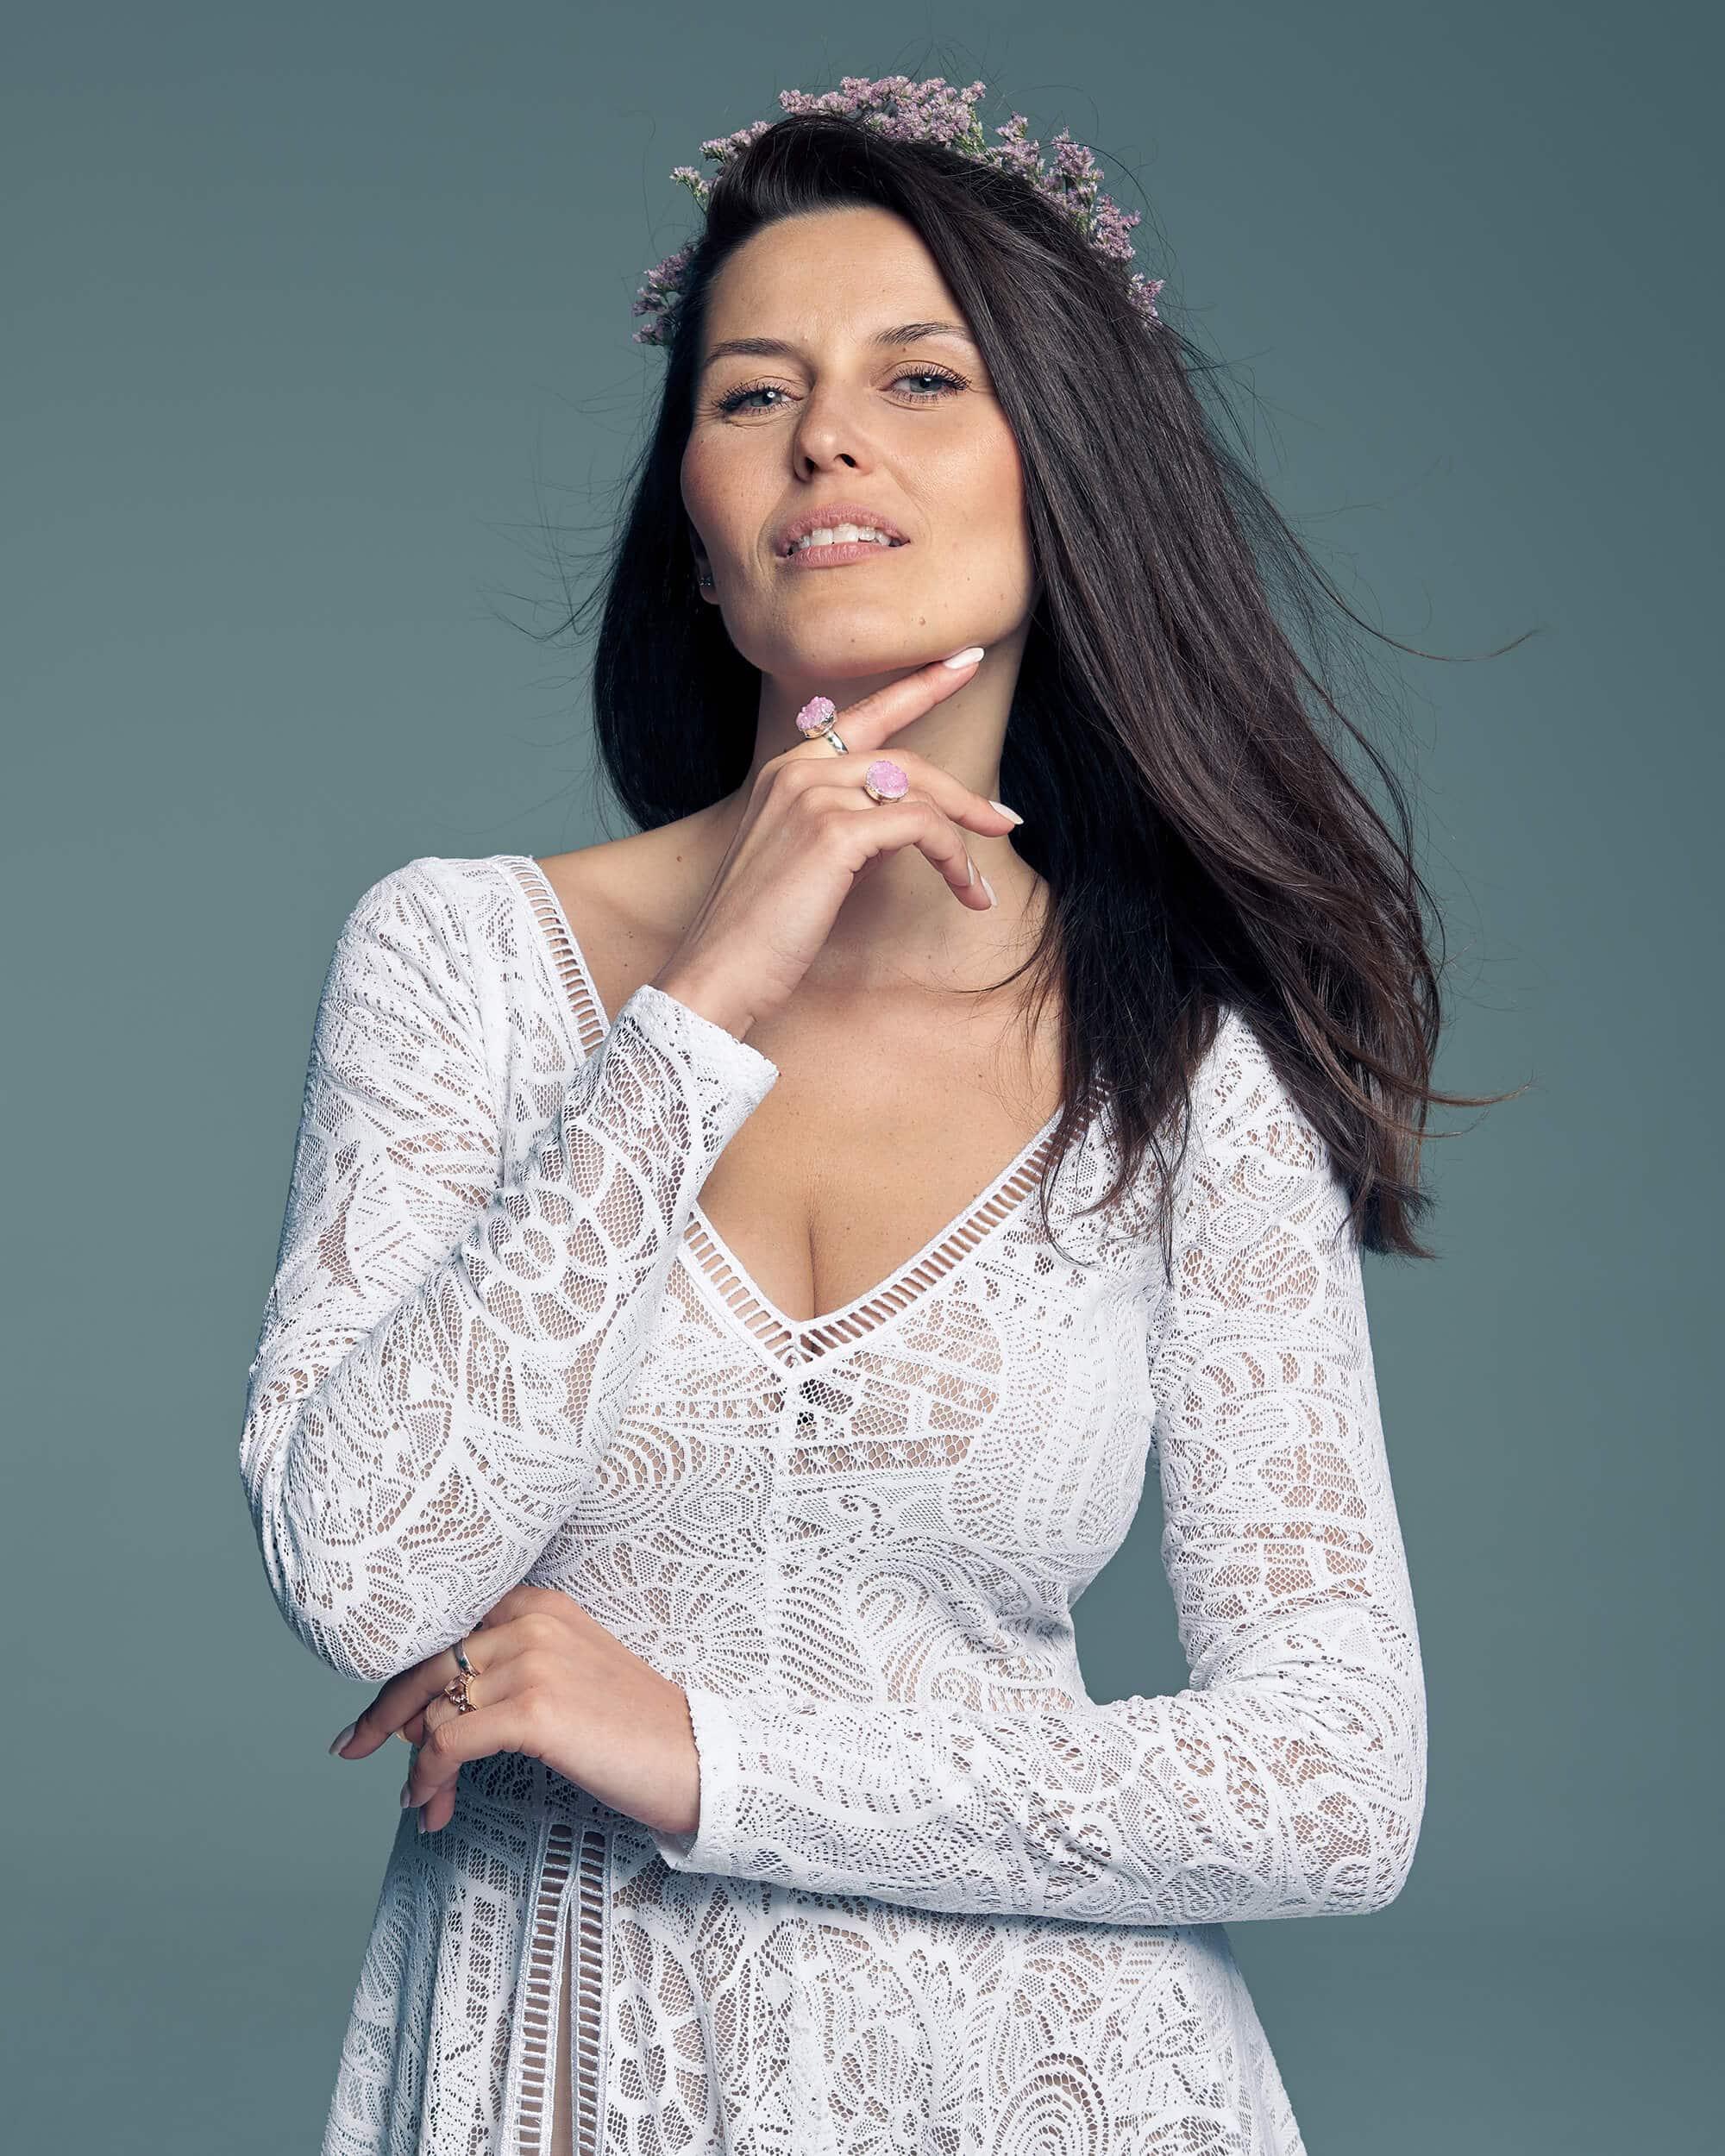 Długi rękaw nadaje charakteru tej sukni ślubnej